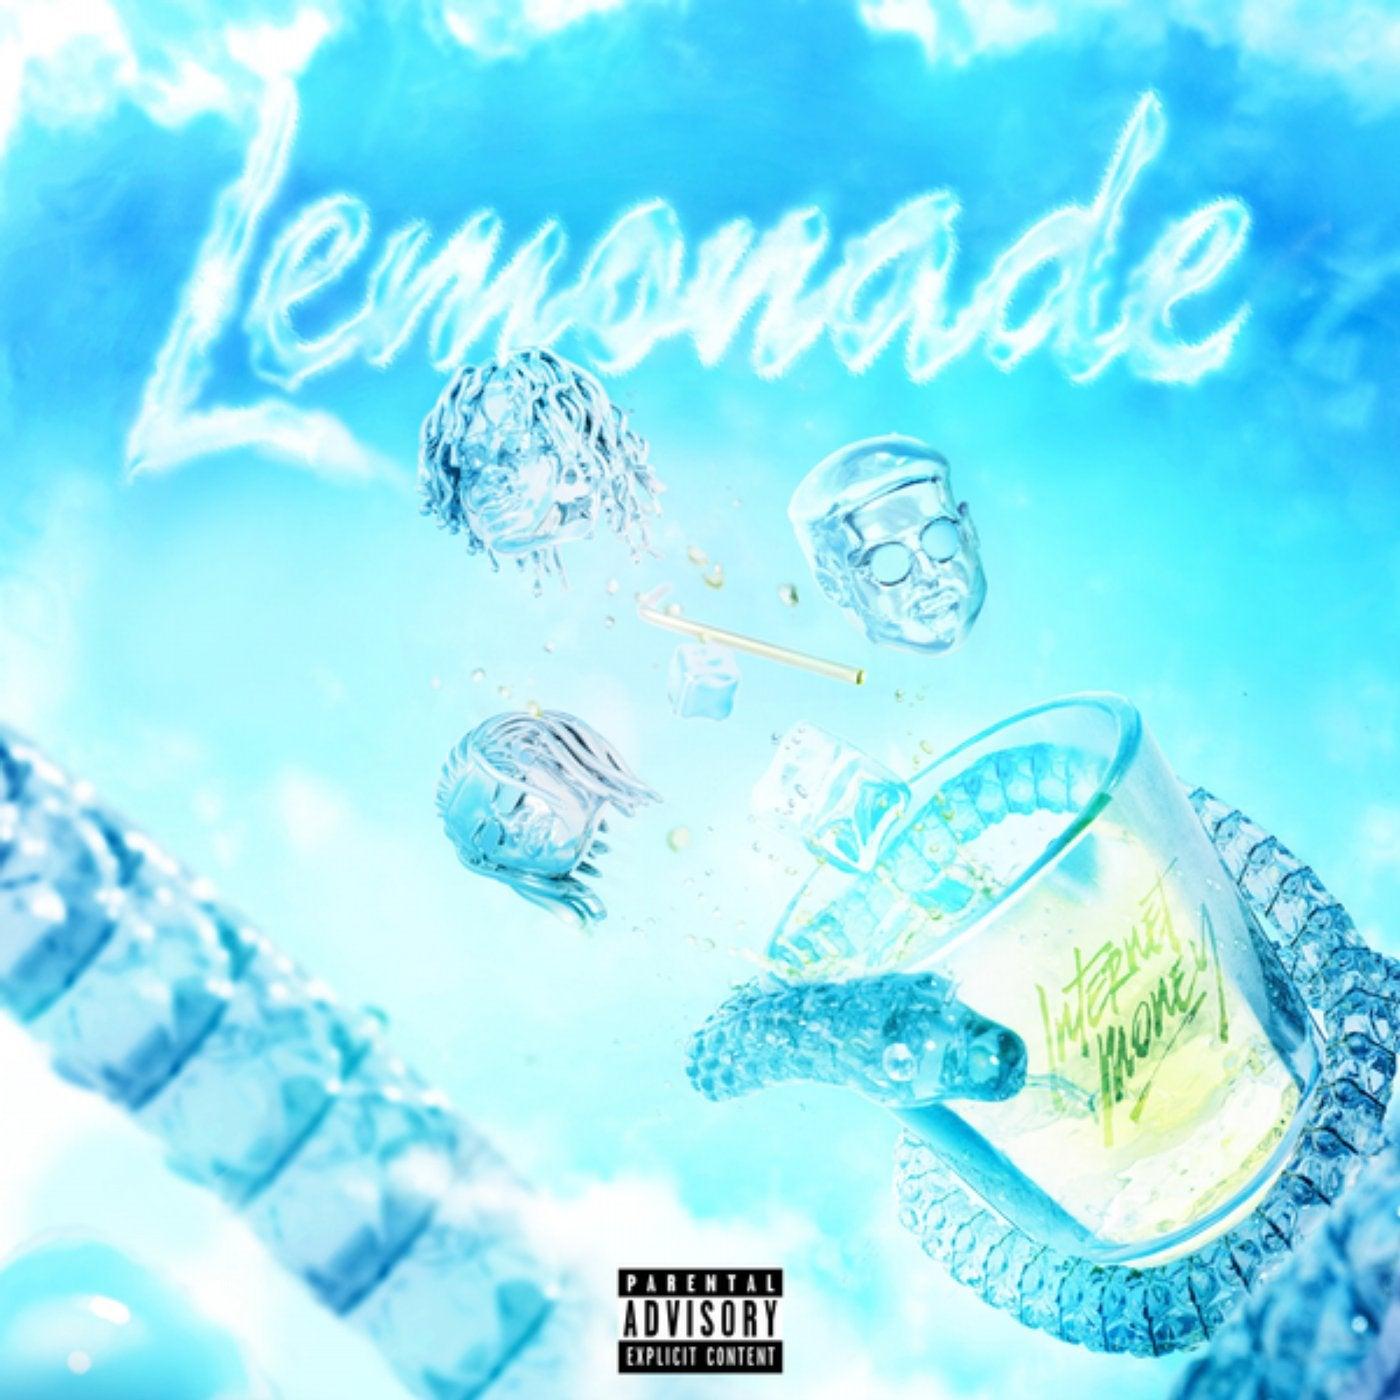 Lemonade (Original Mix)